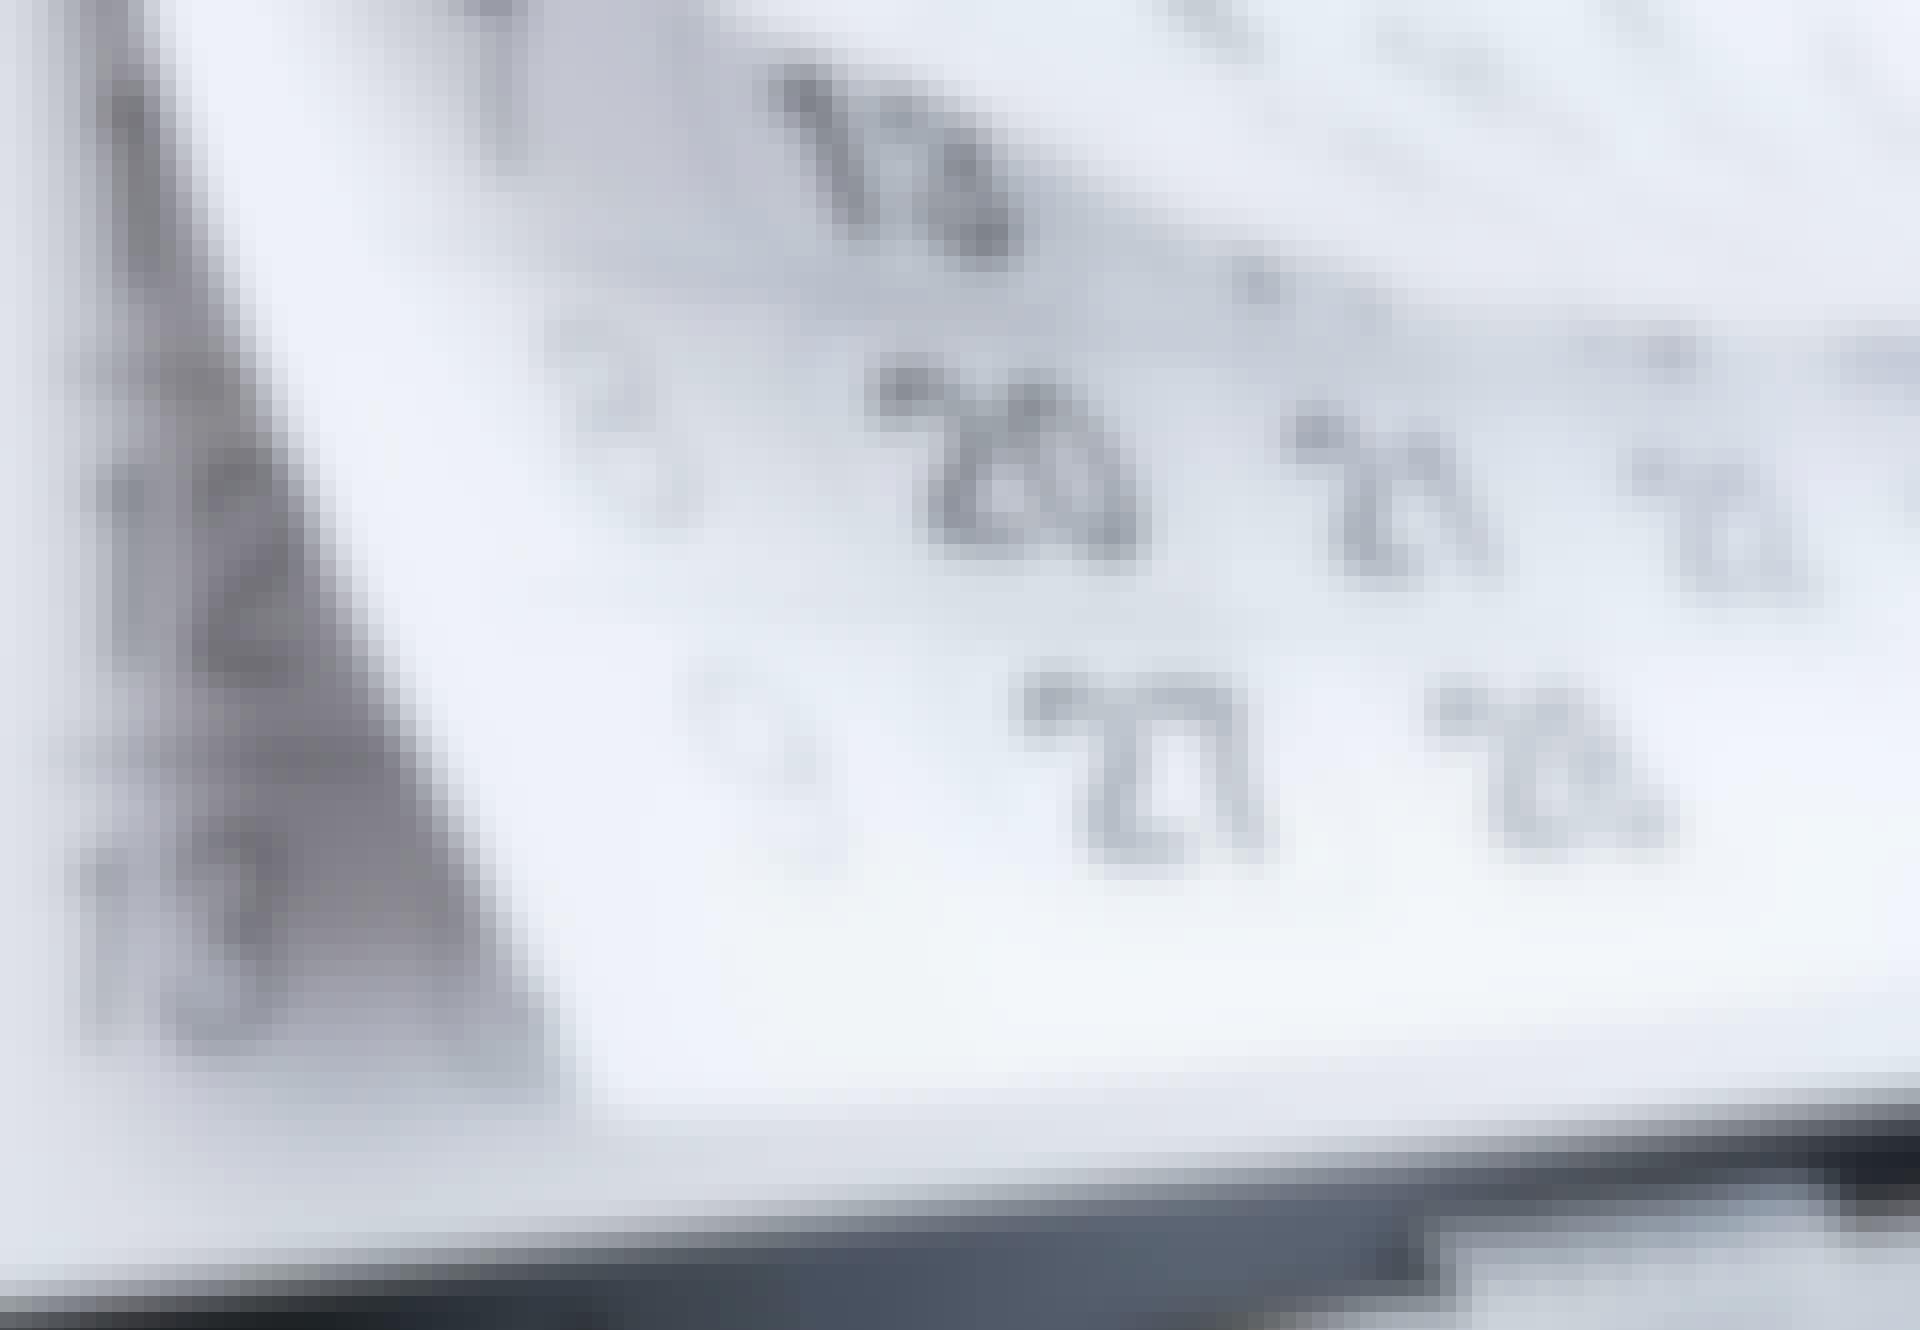 Vuosi 2020 on karkausvuosi ja karkauspäivä on 24. helmikuuta.